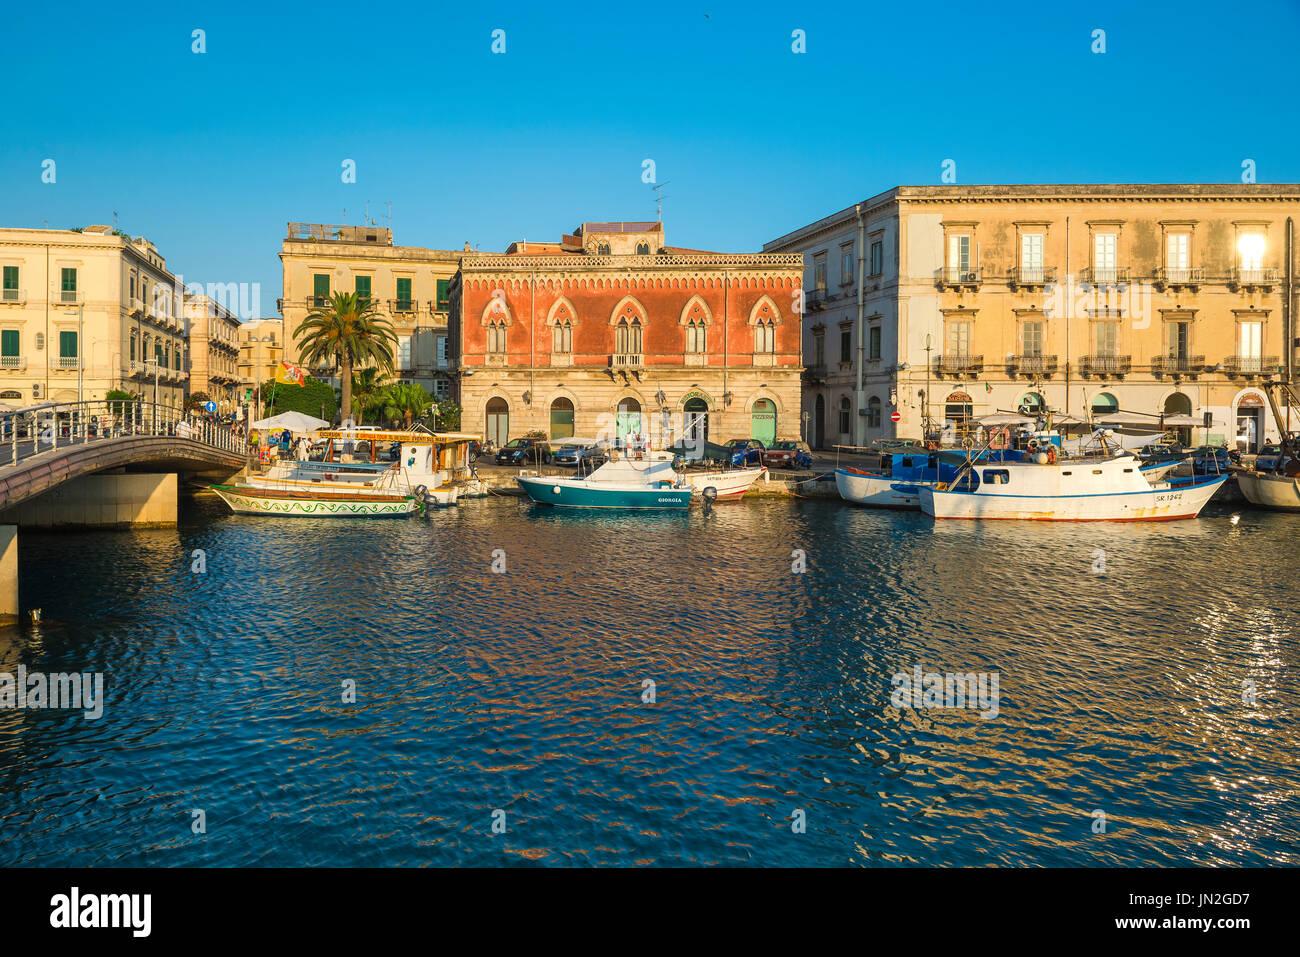 Ortigia Sizilien Hafen, Blick auf die Renaissance Palazzo Lucchetti und der Darsena-Kanal, von der Insel Ortigia, Sizilien Syrakus trennt. Stockbild